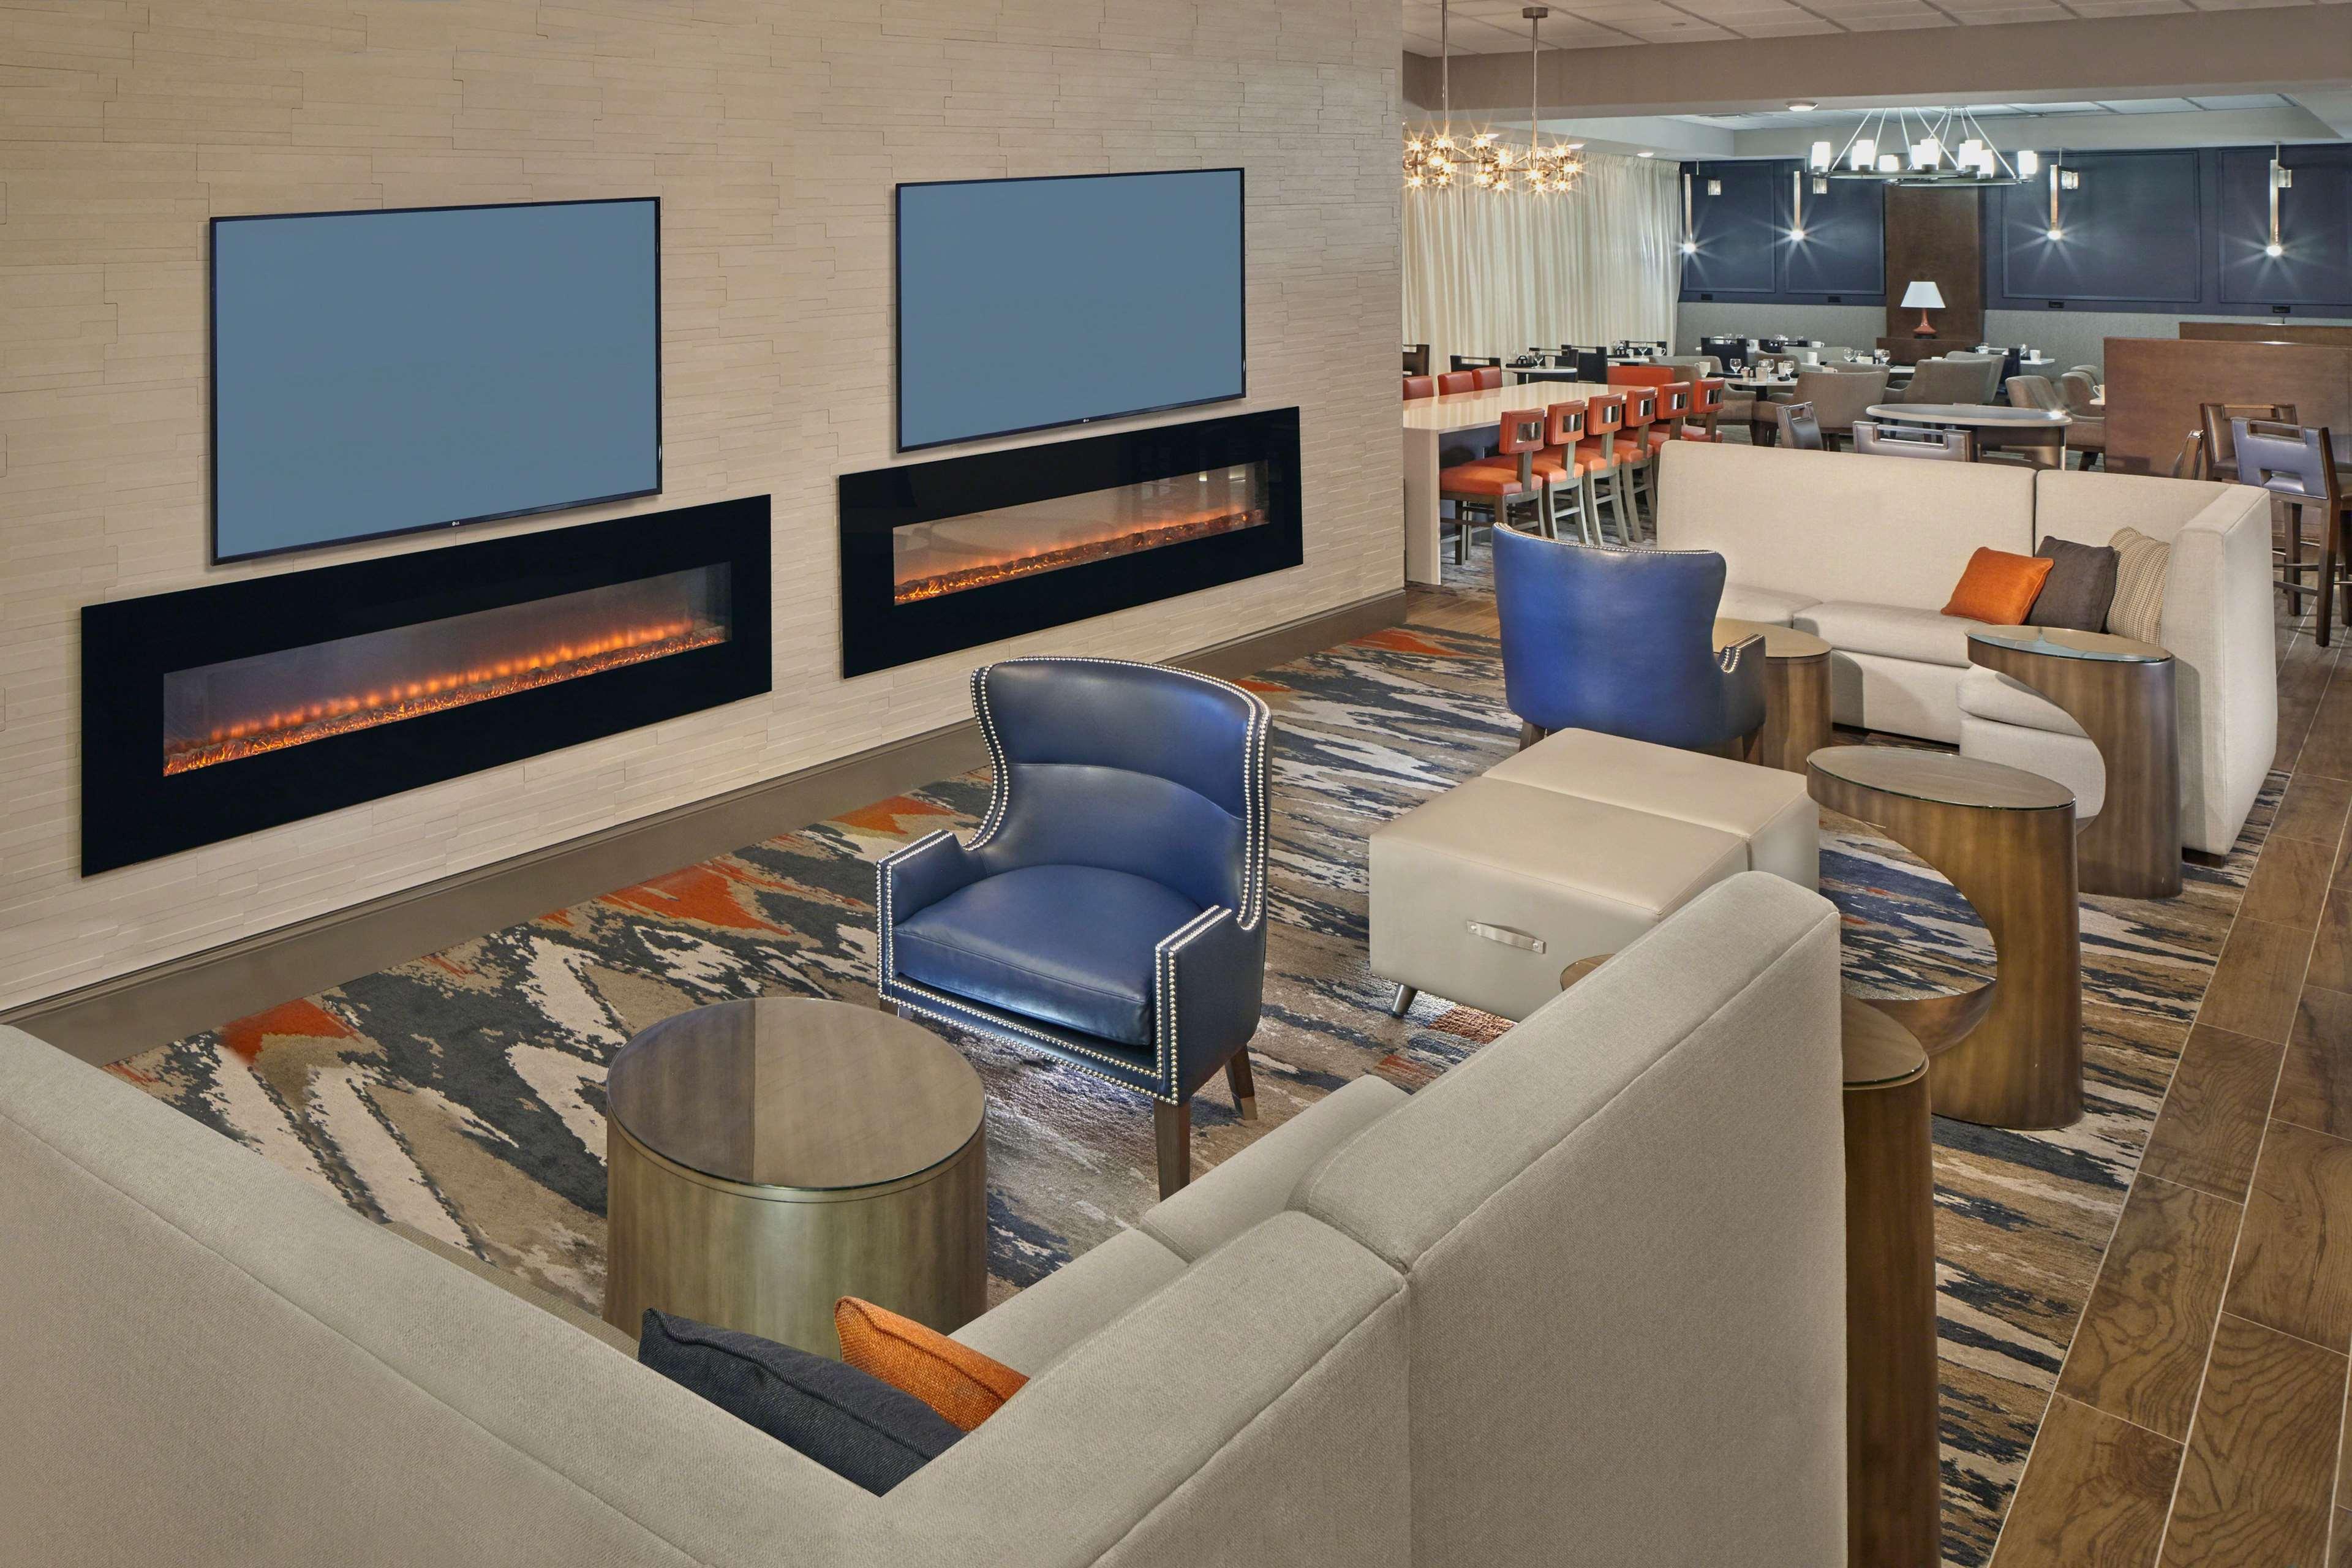 DoubleTree by Hilton Hotel Little Rock image 6